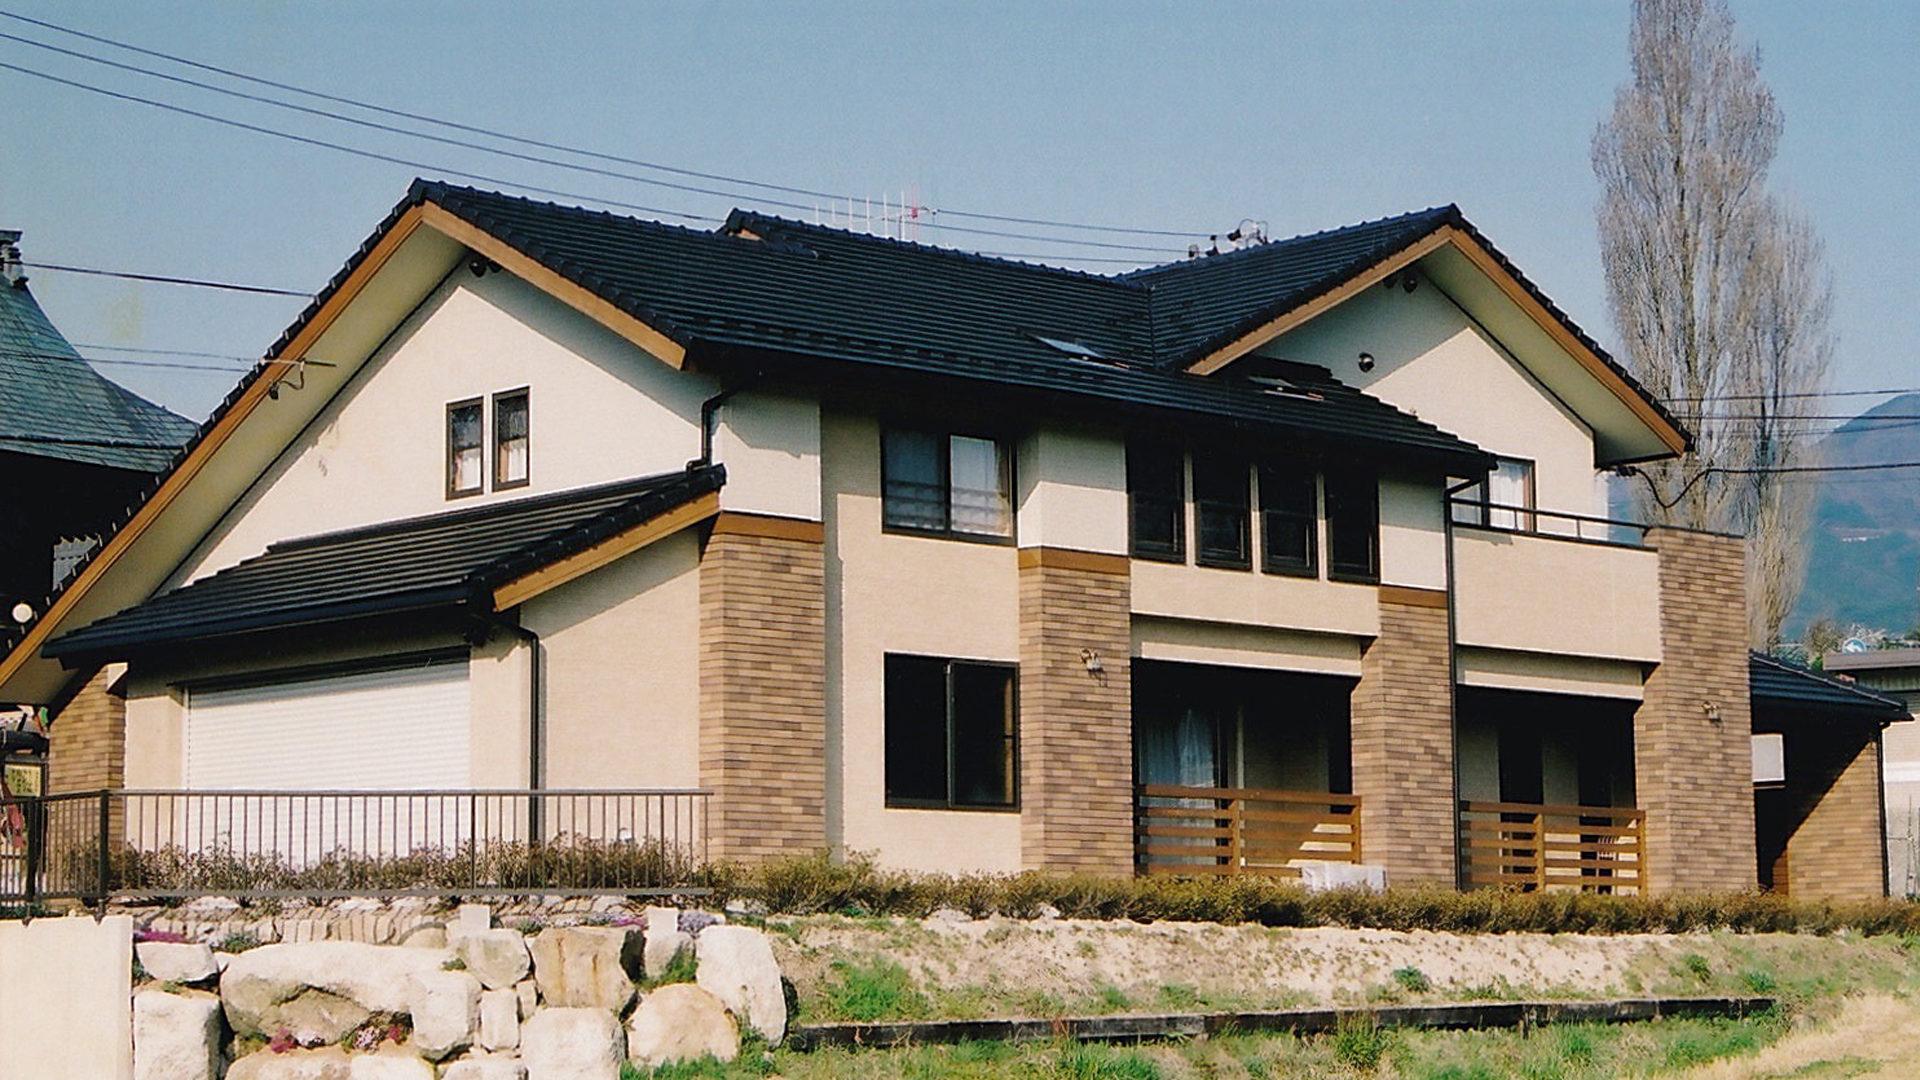 一級建築士の有限会社安藤建設が施工した家屋